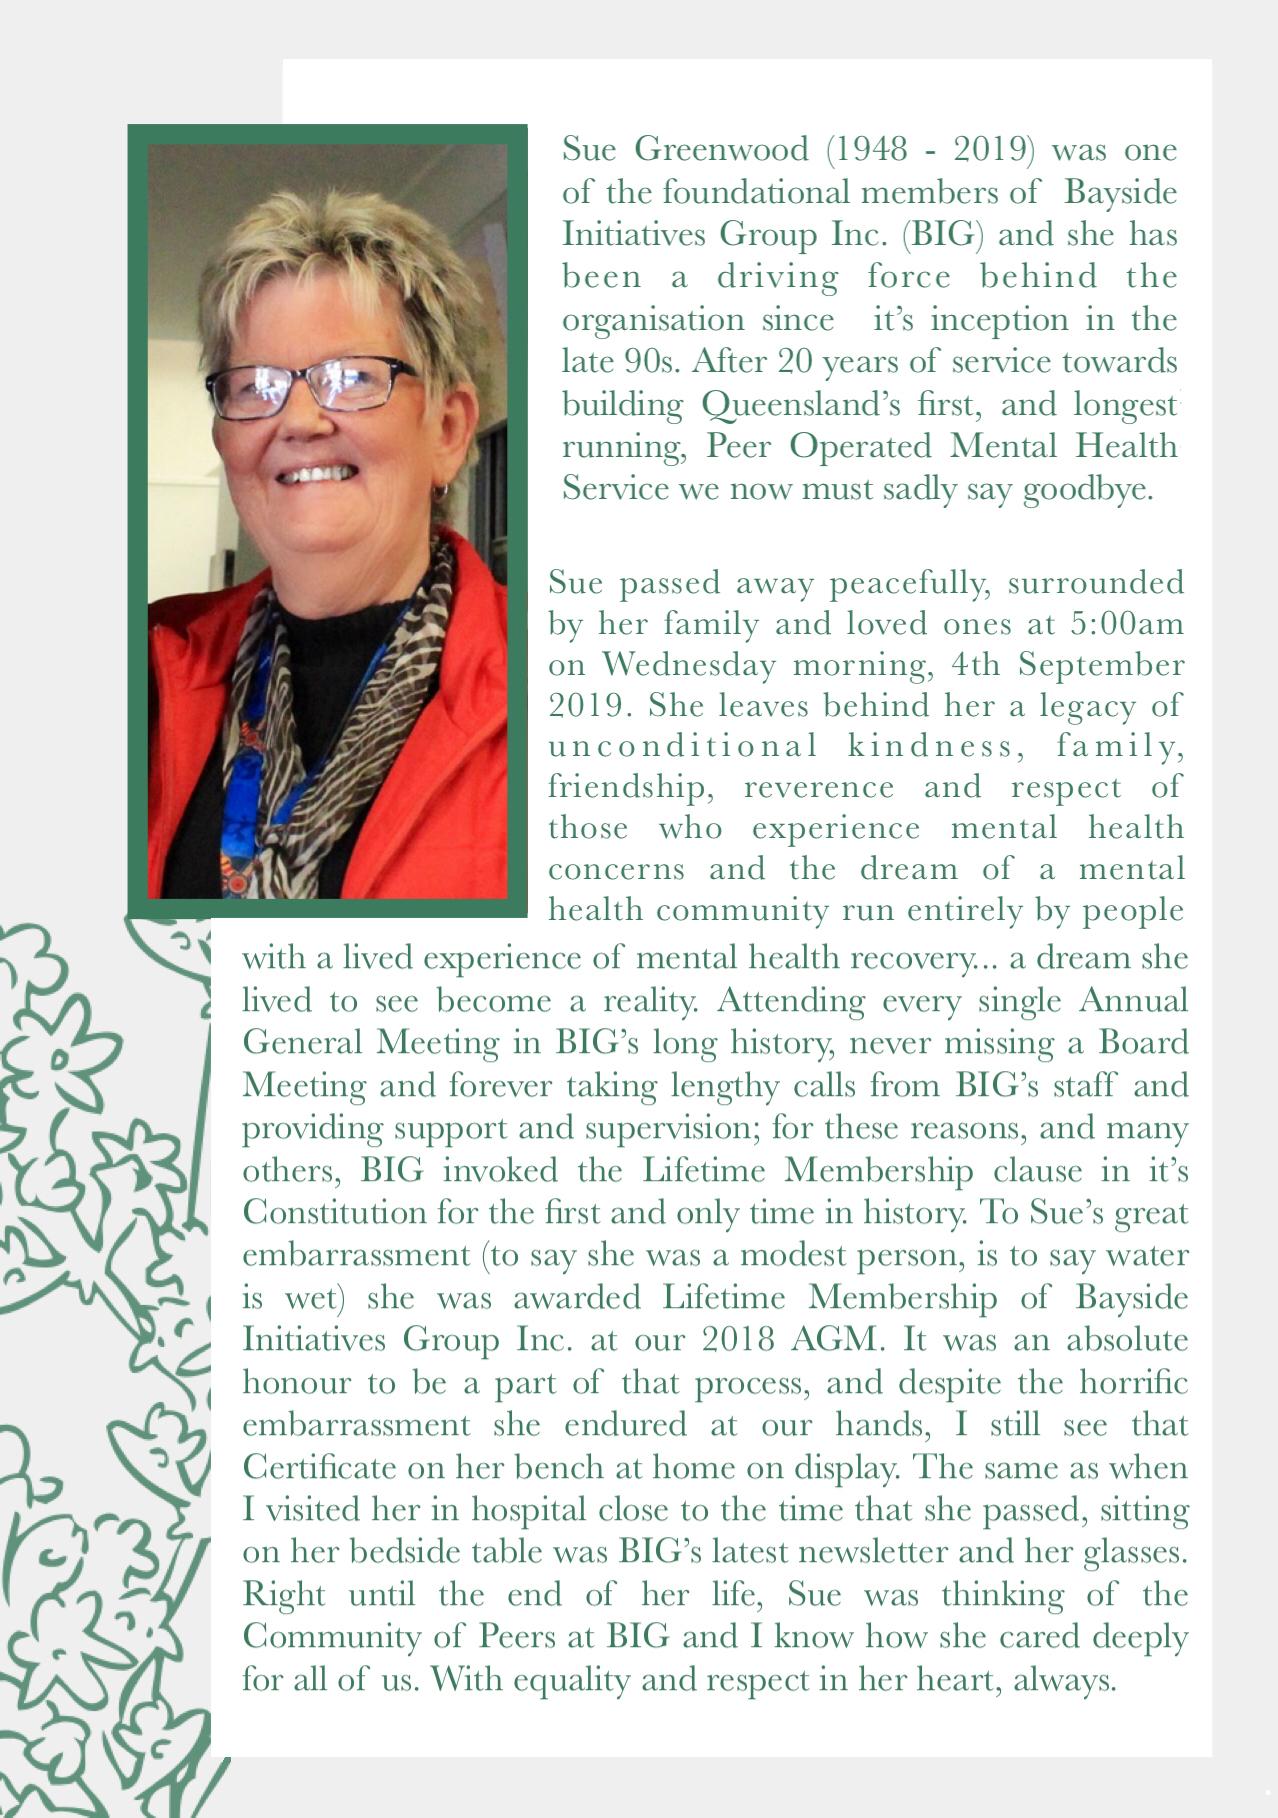 Susan Greenwood (1948- 2019) Memorium - page 2o